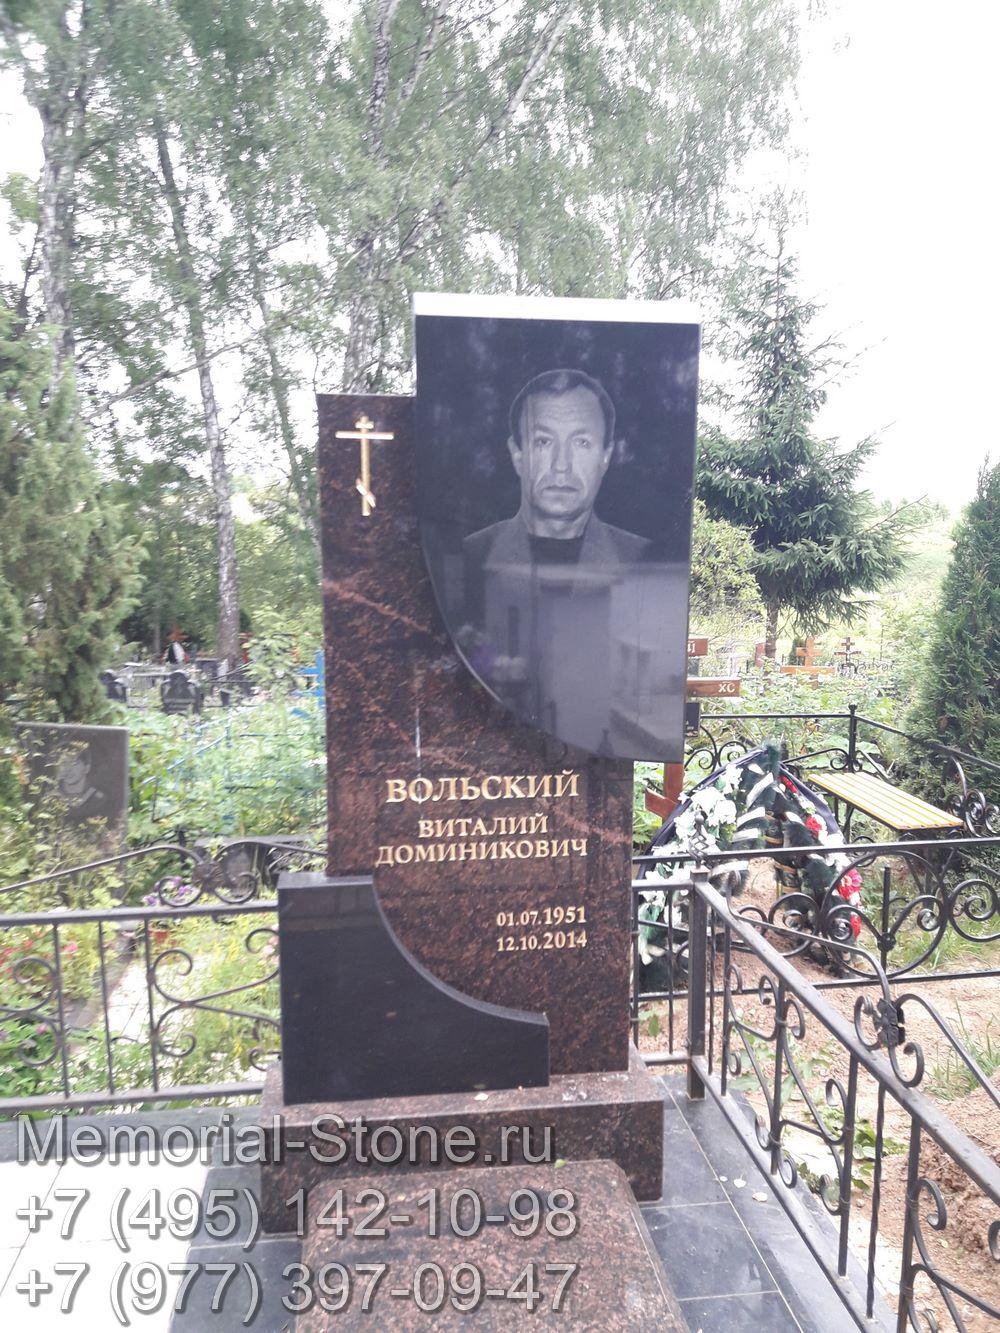 Памятник мужчине из гранита